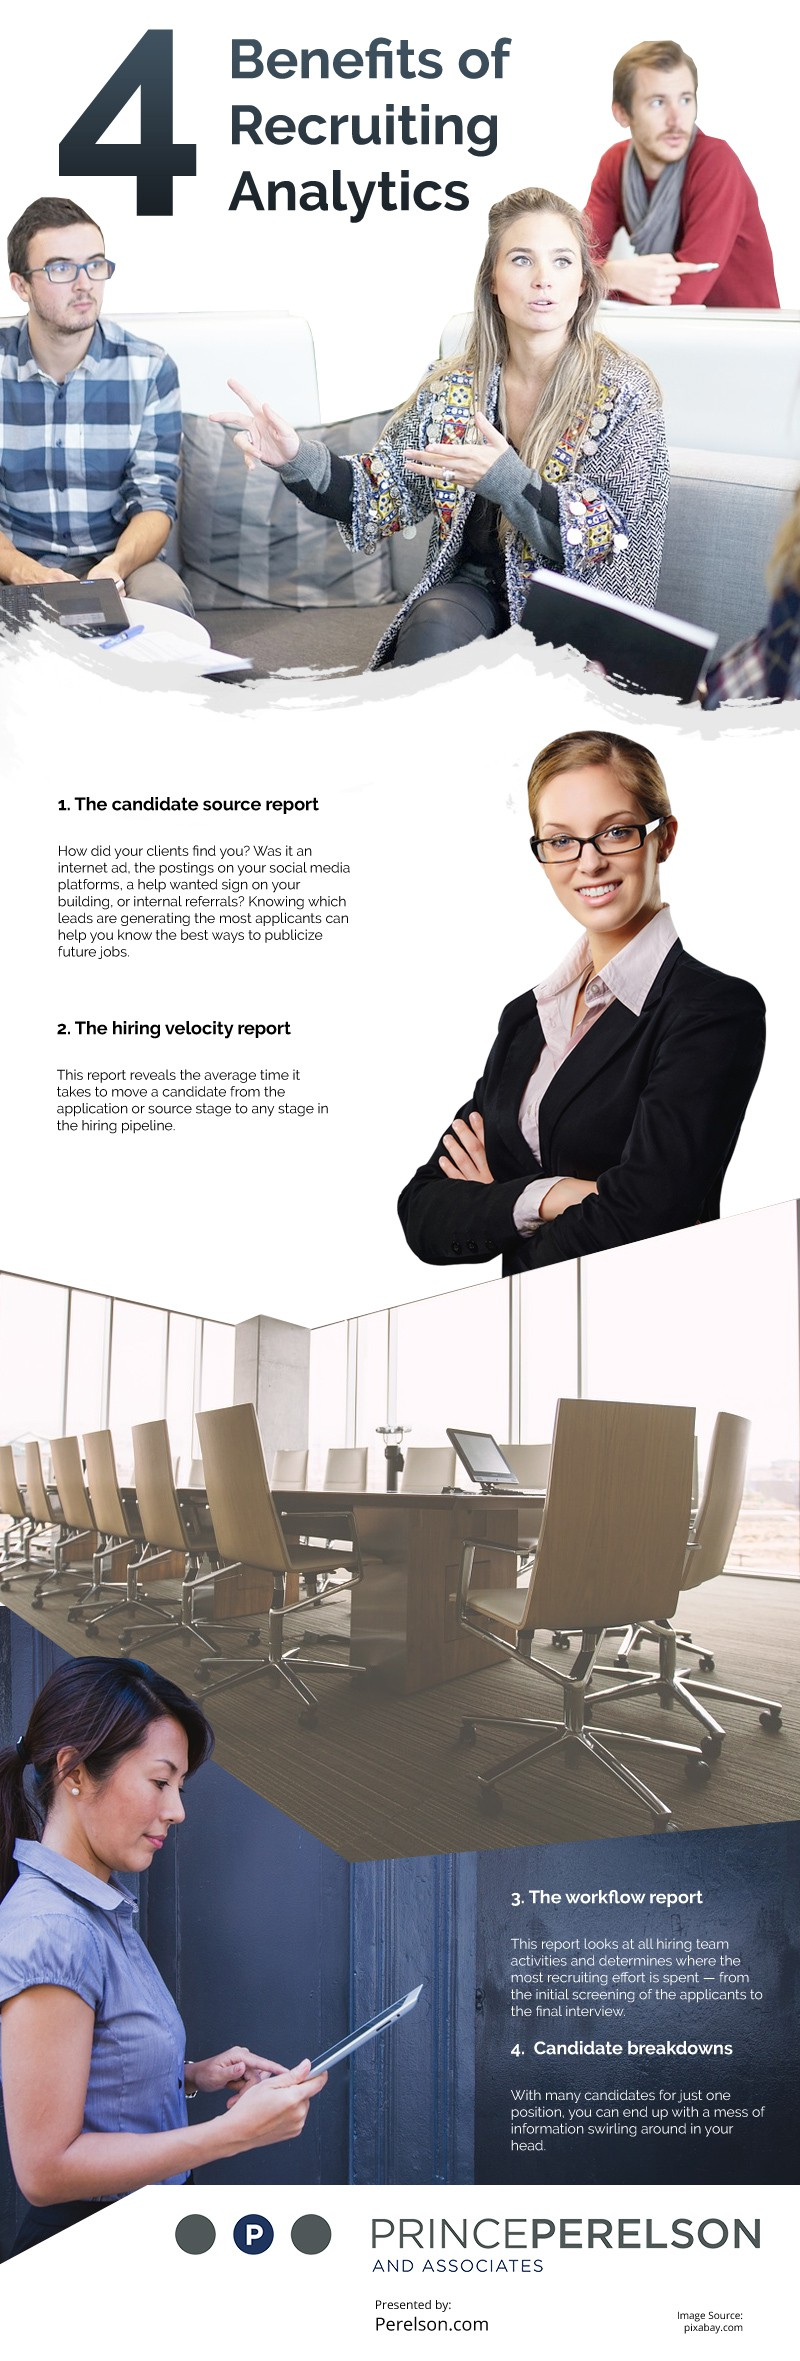 4 Benefits of Recruiting Analytics [infographic]